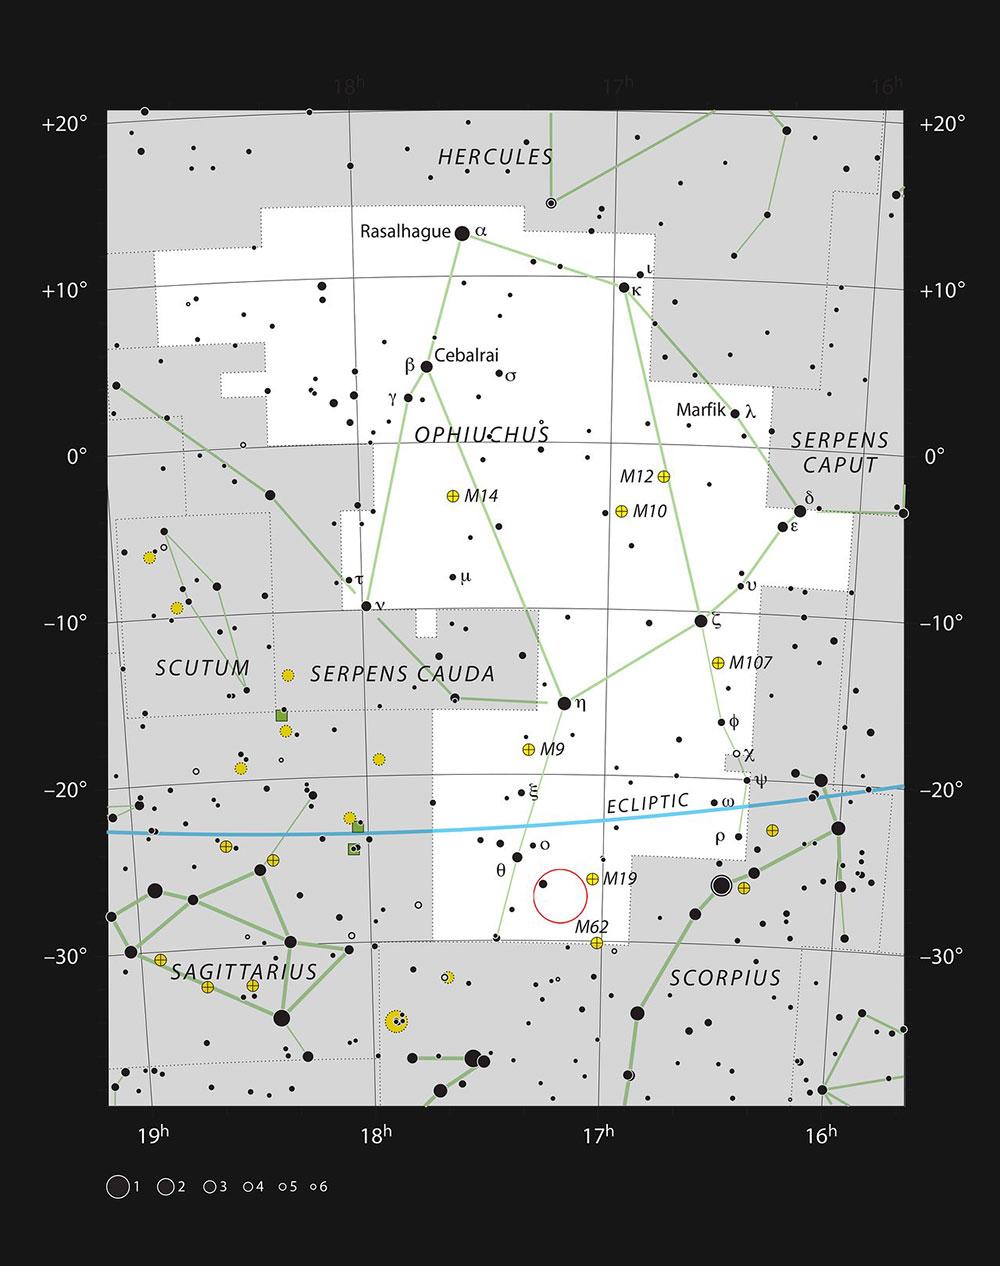 صورت فلکی مارافسای و موقعیت سحابی بارنارد59